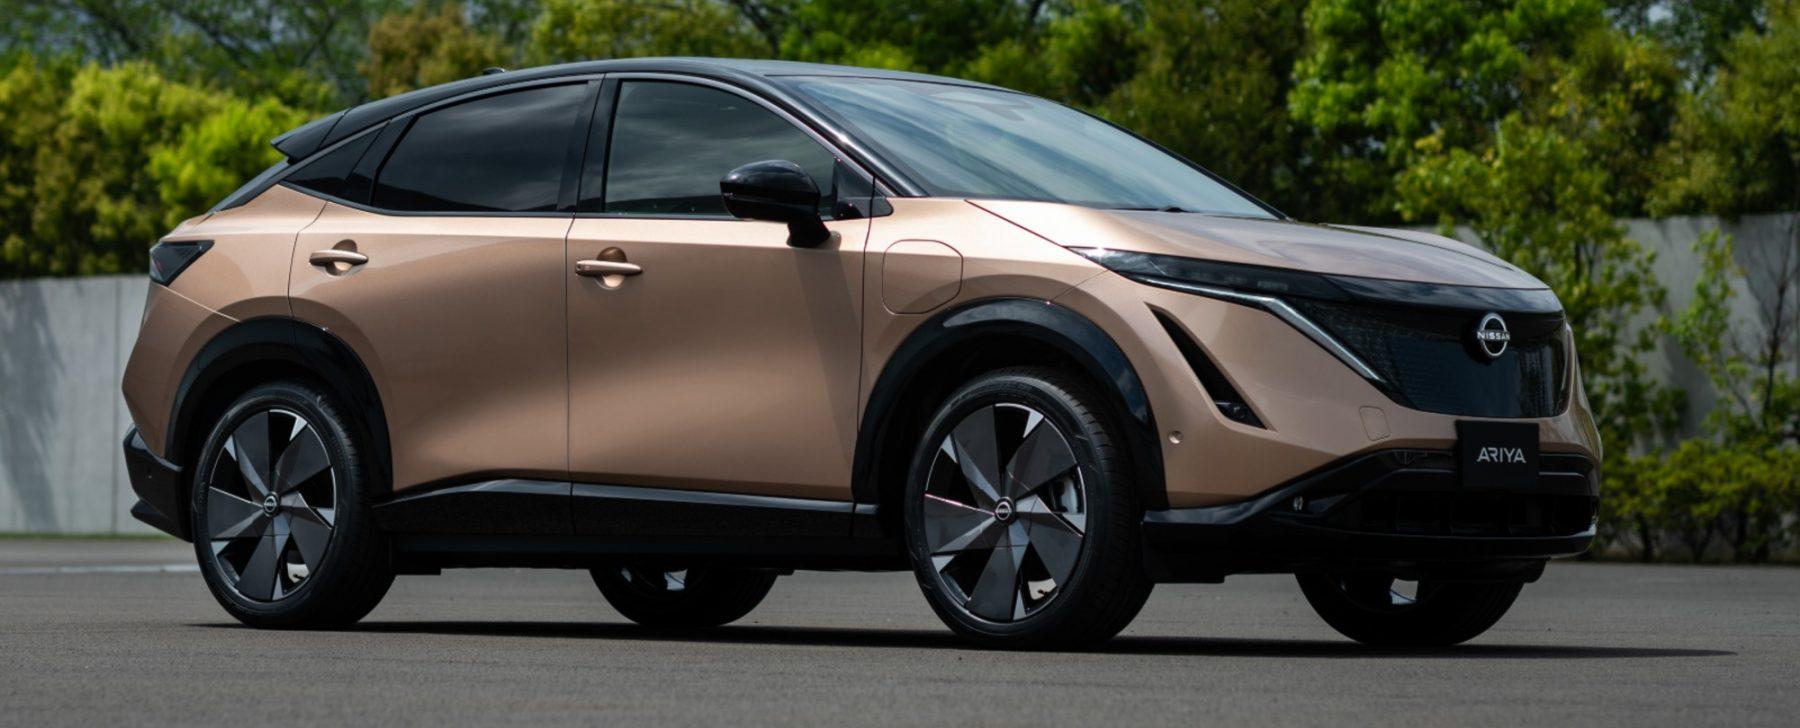 Nissan Ariya, el SUV japonés con piloto automático que llega este año